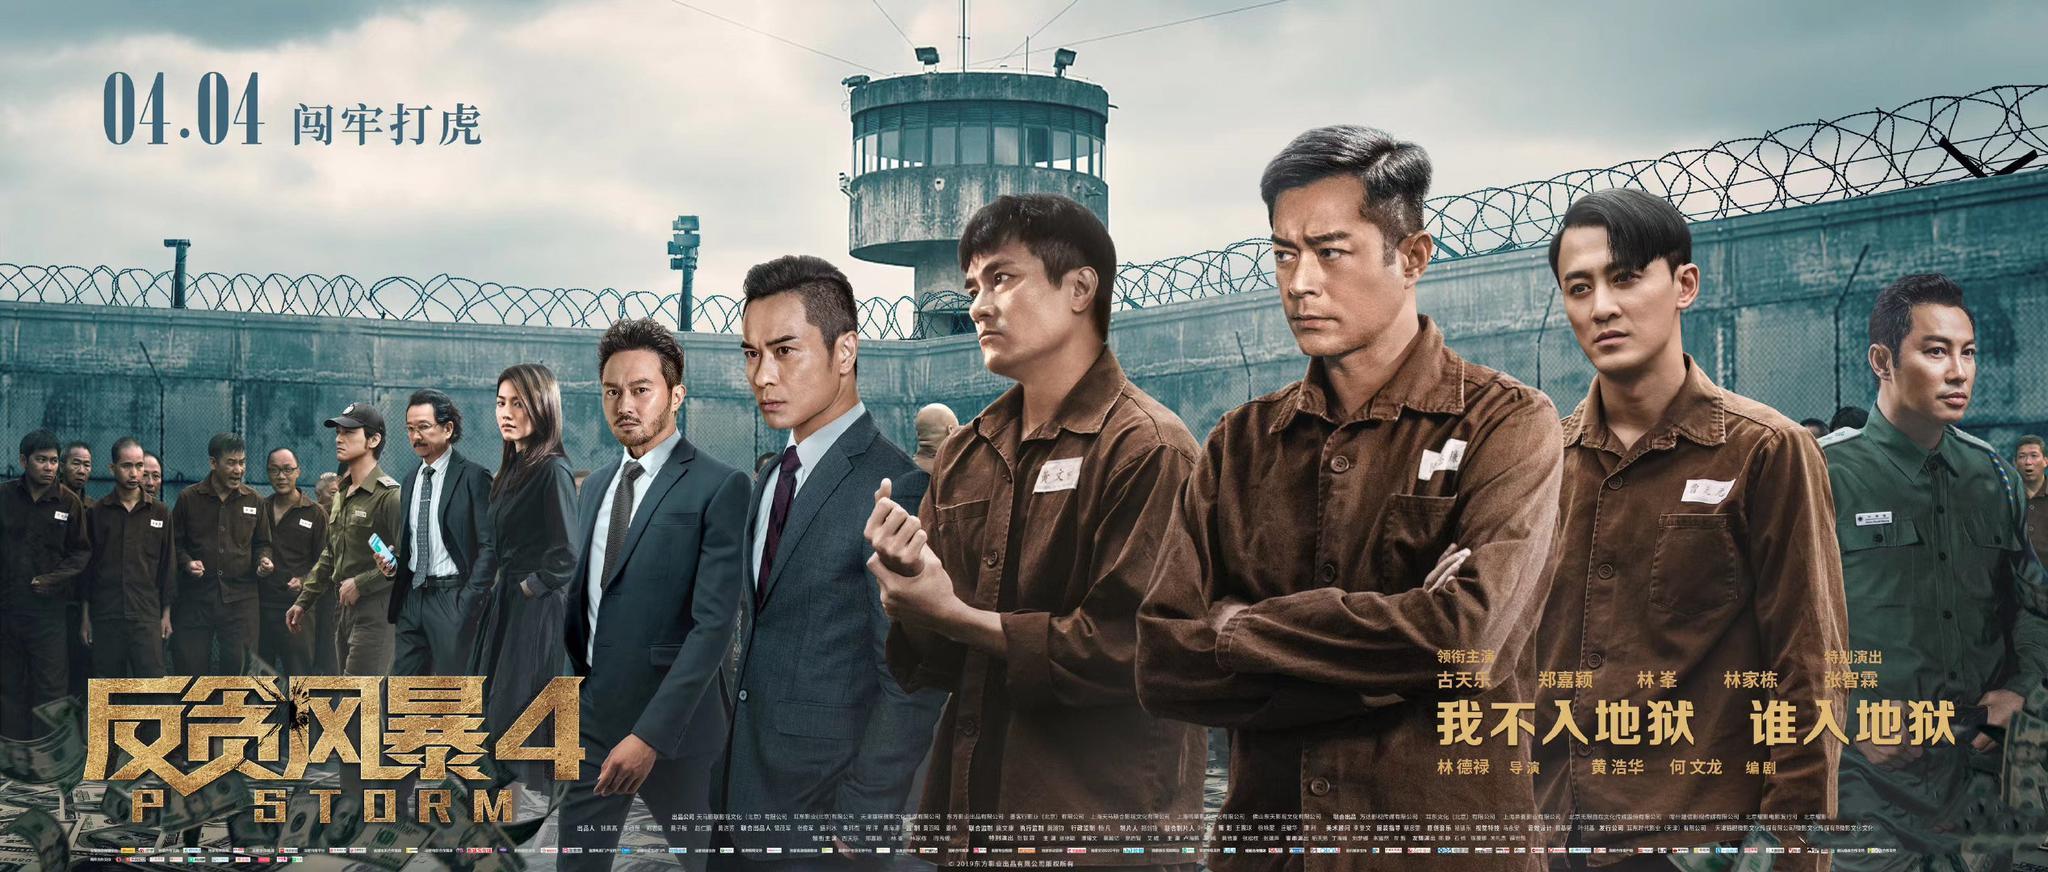 《反贪风暴》之后谭耀文古天乐再度合作电影《犯罪现场》定档